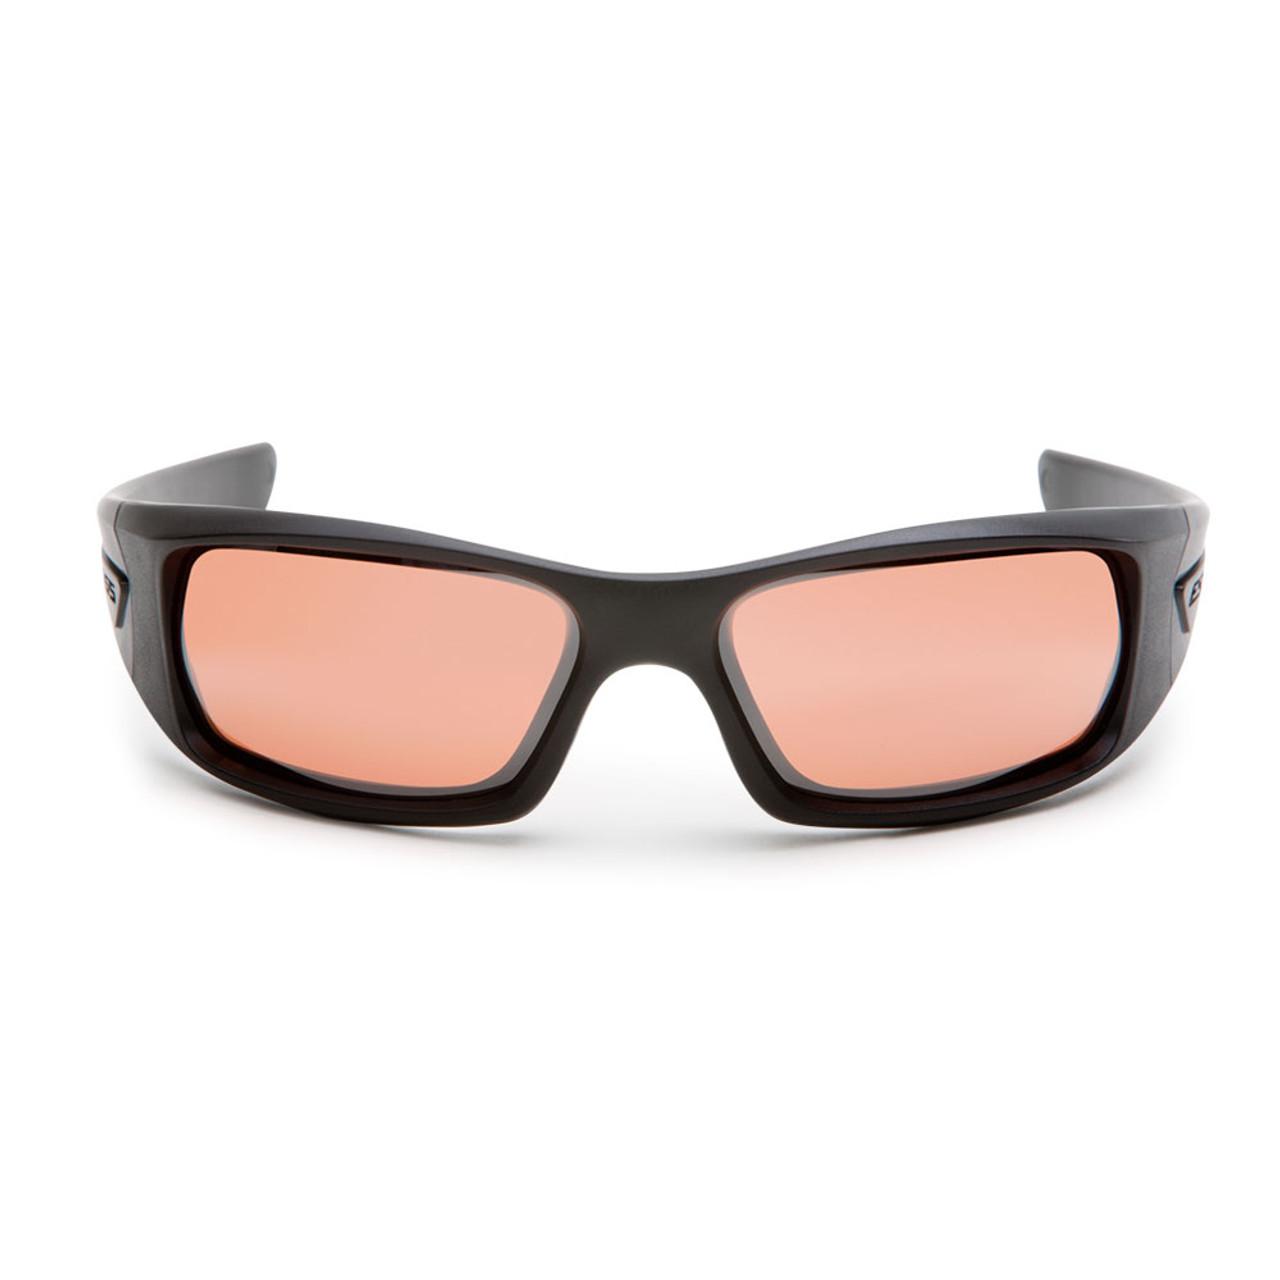 d180f19fd6a0 ESS 5B Black Frame Sunglasses - Copper Lenses - Atlantic Tactical Inc